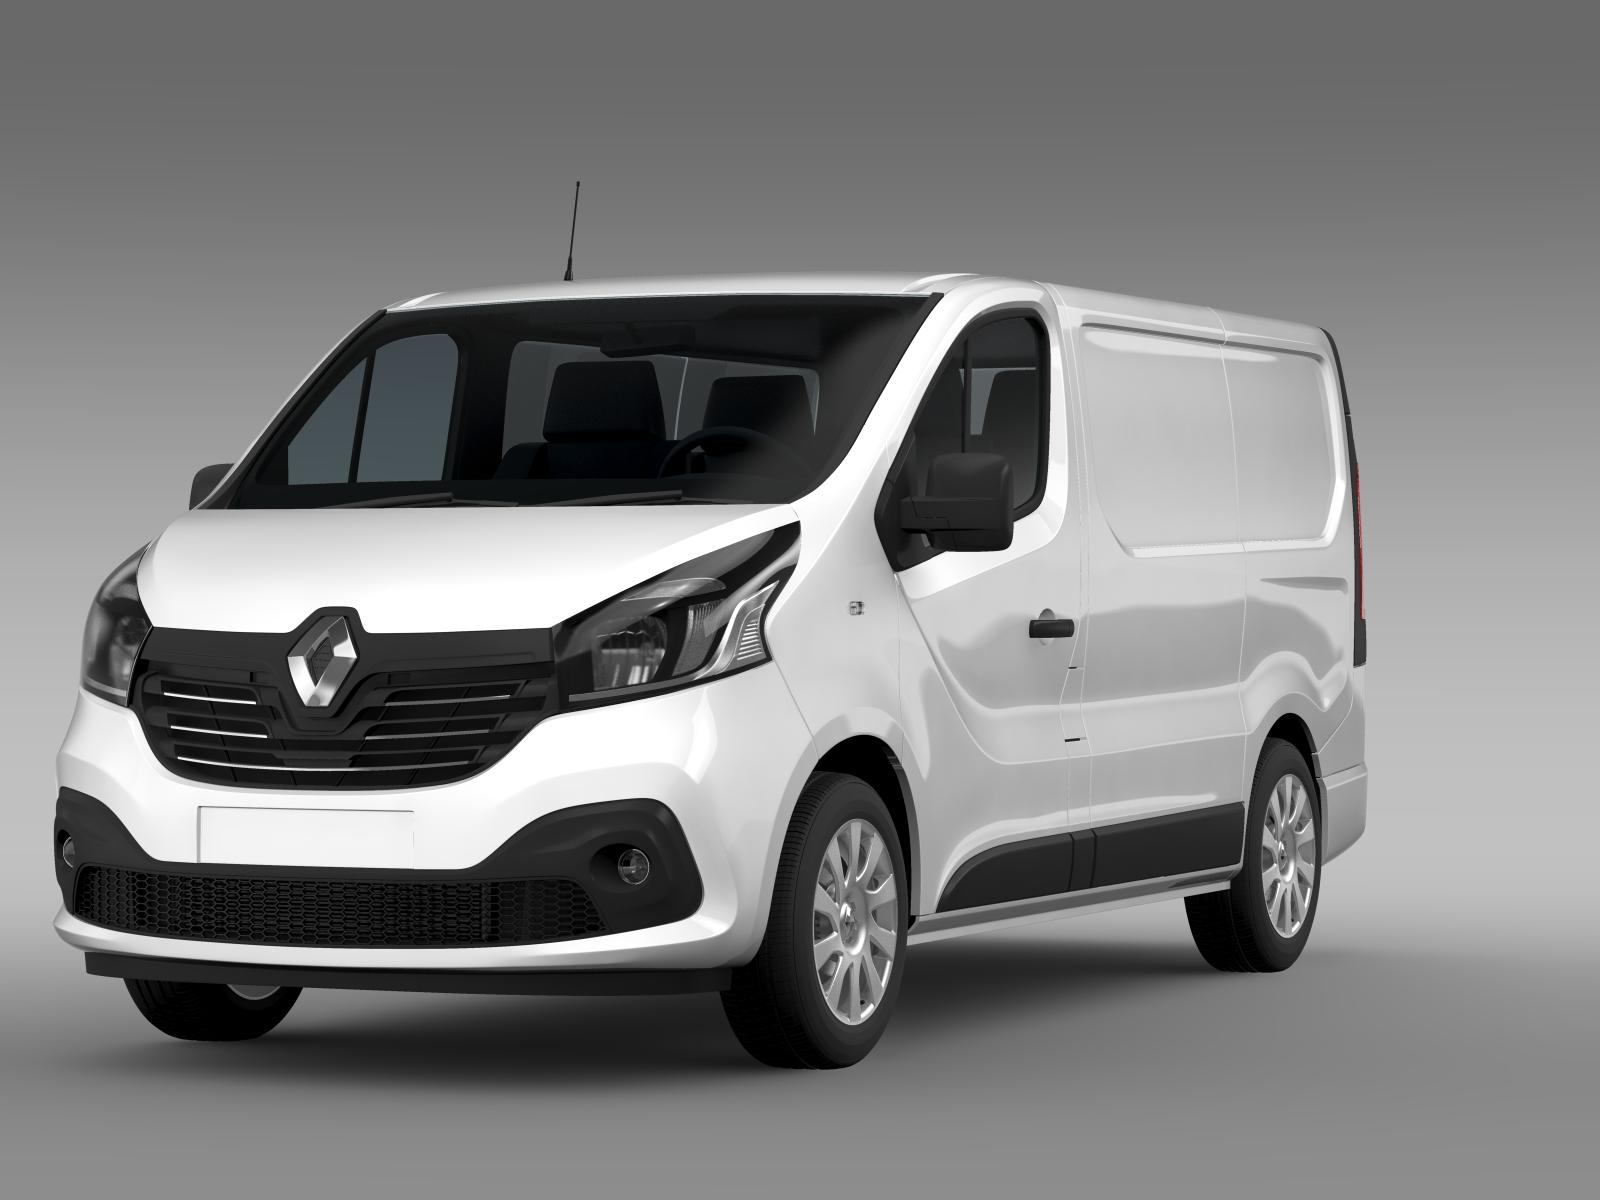 Renault Trafic Van 2015 3D Model – Buy Renault Trafic Van ...  Renault Trafic ...